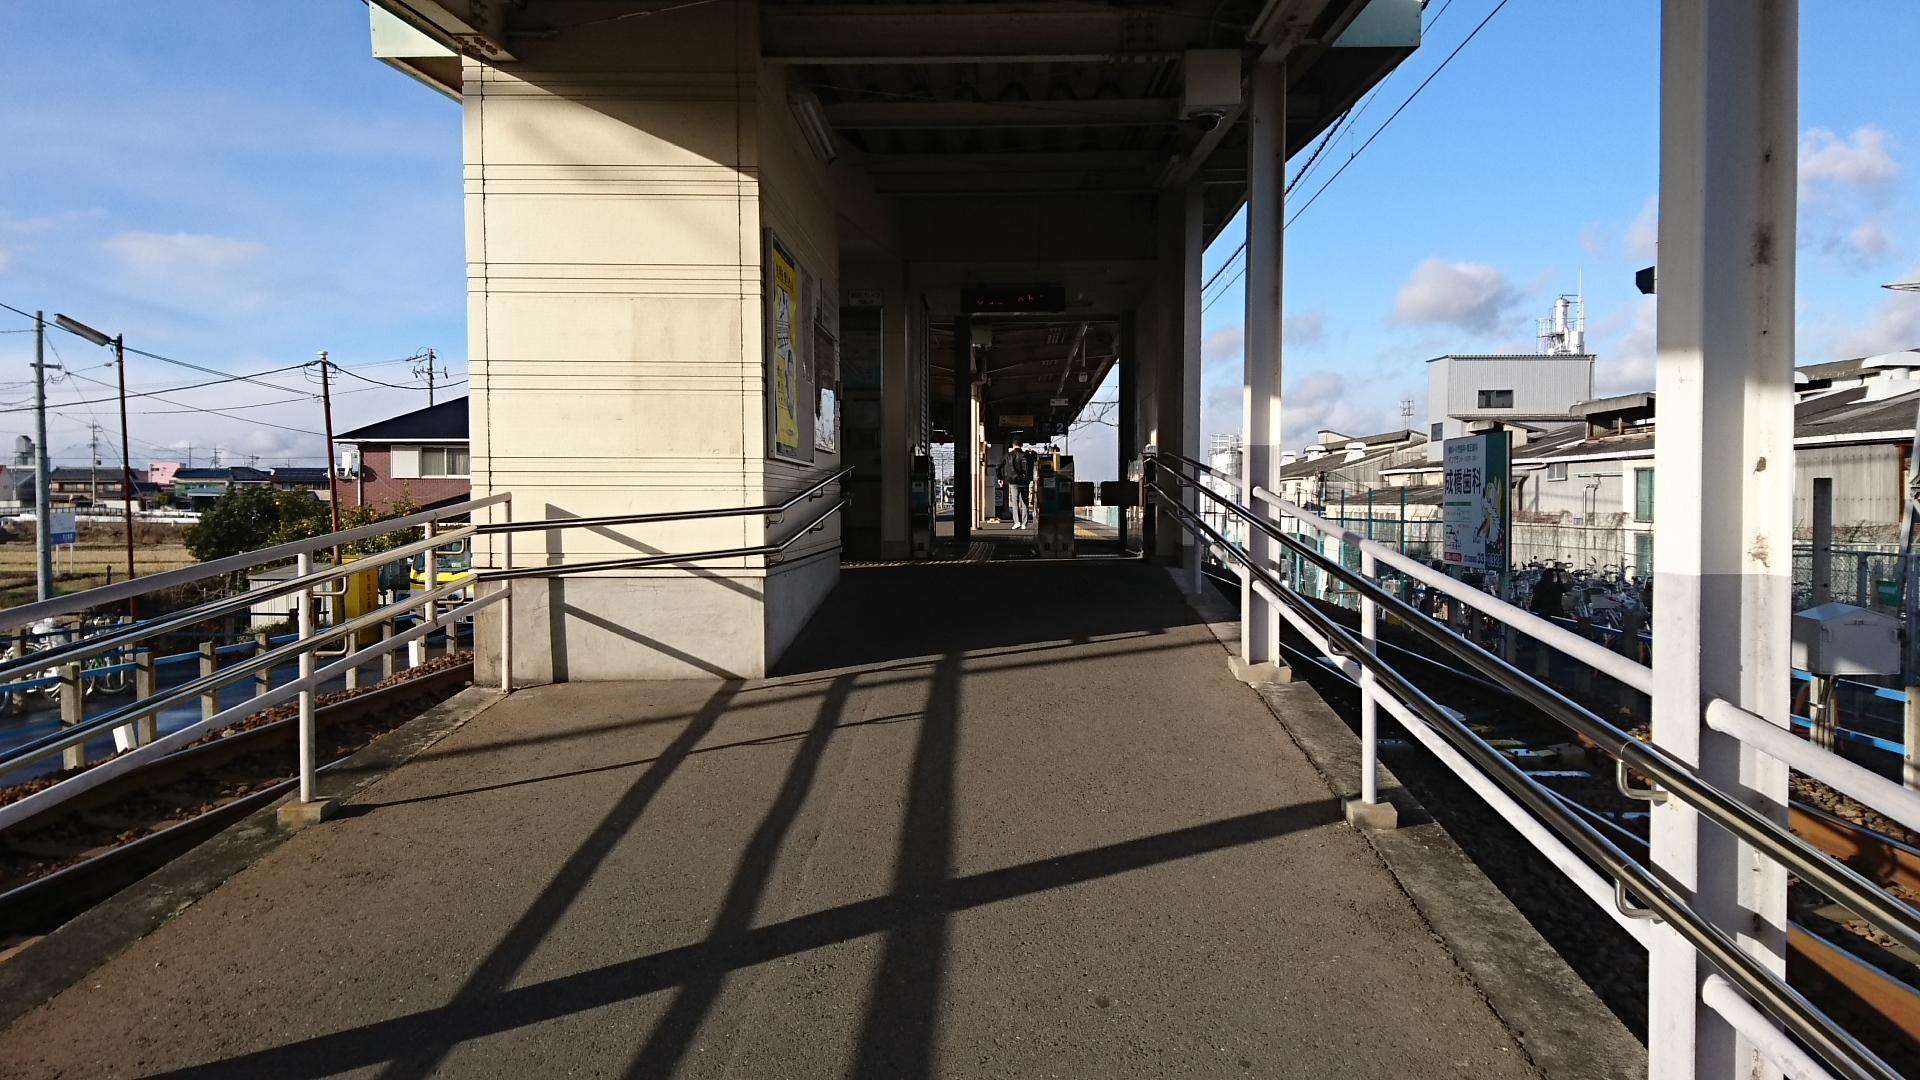 2017.1.13 春日井から牛山まで (13) 牛山(かいさつ)1920-1080